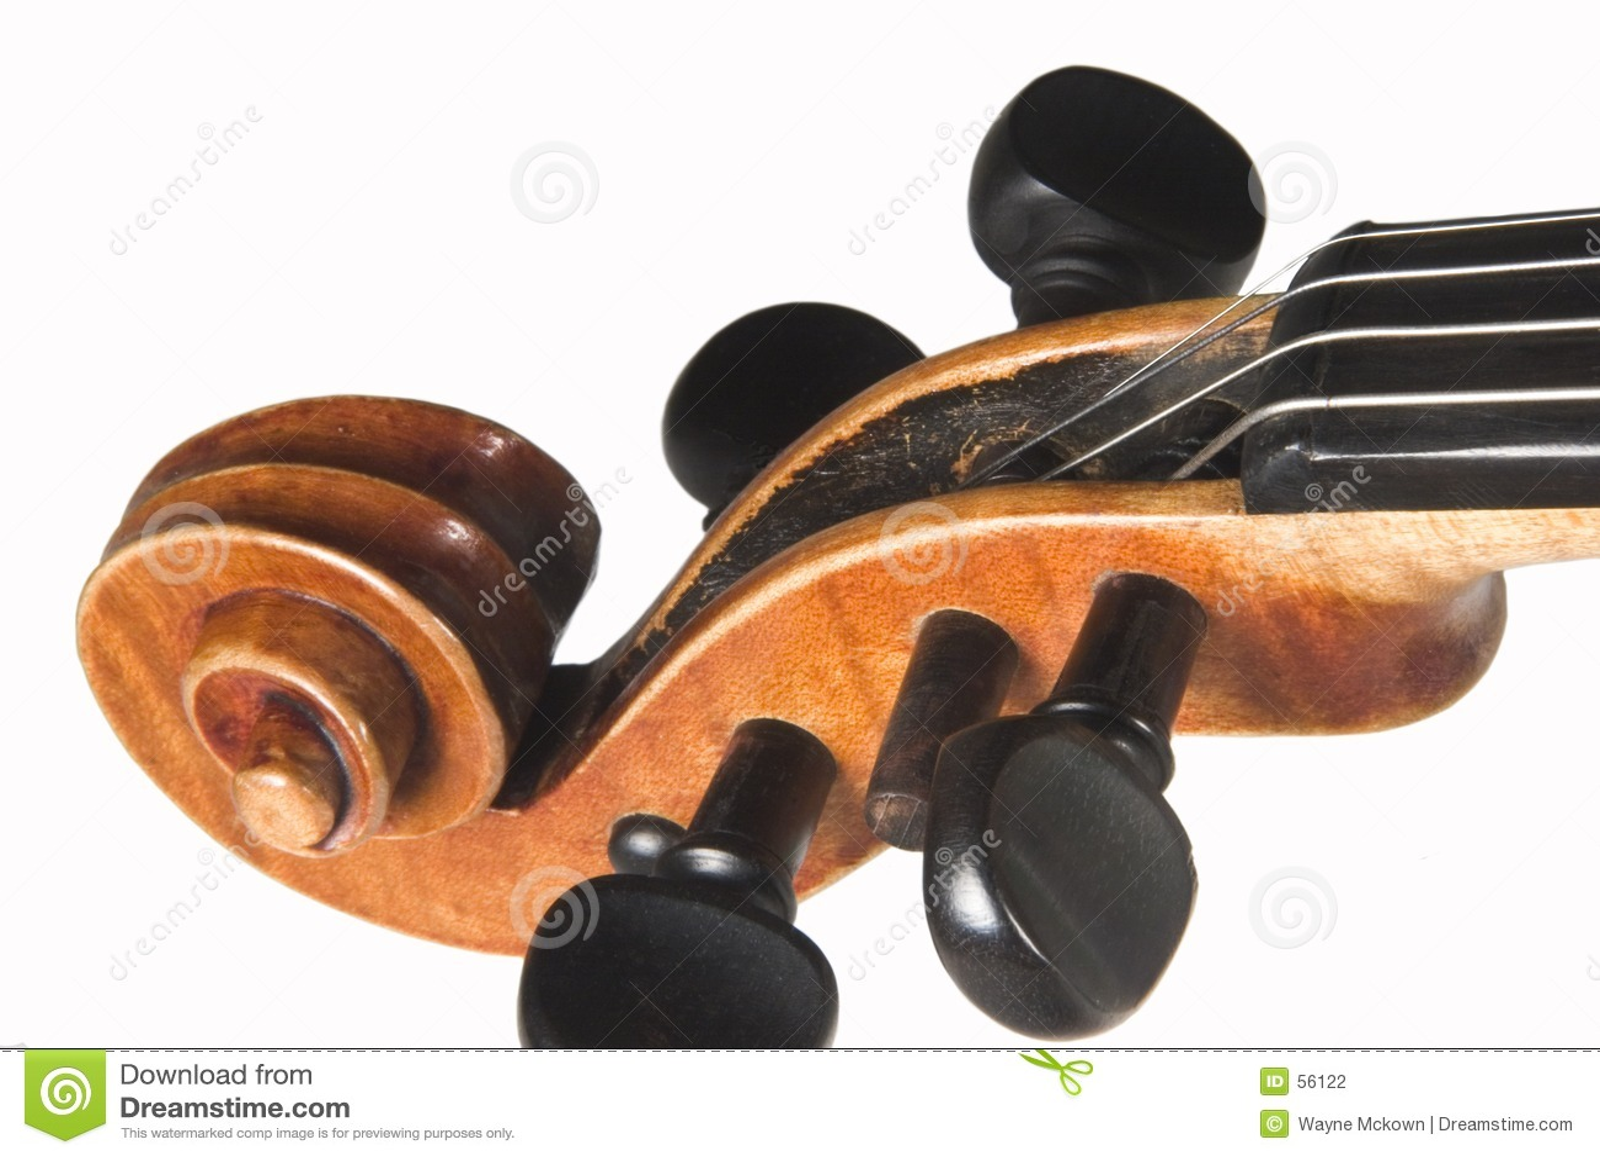 Violinentriebwerkgestell